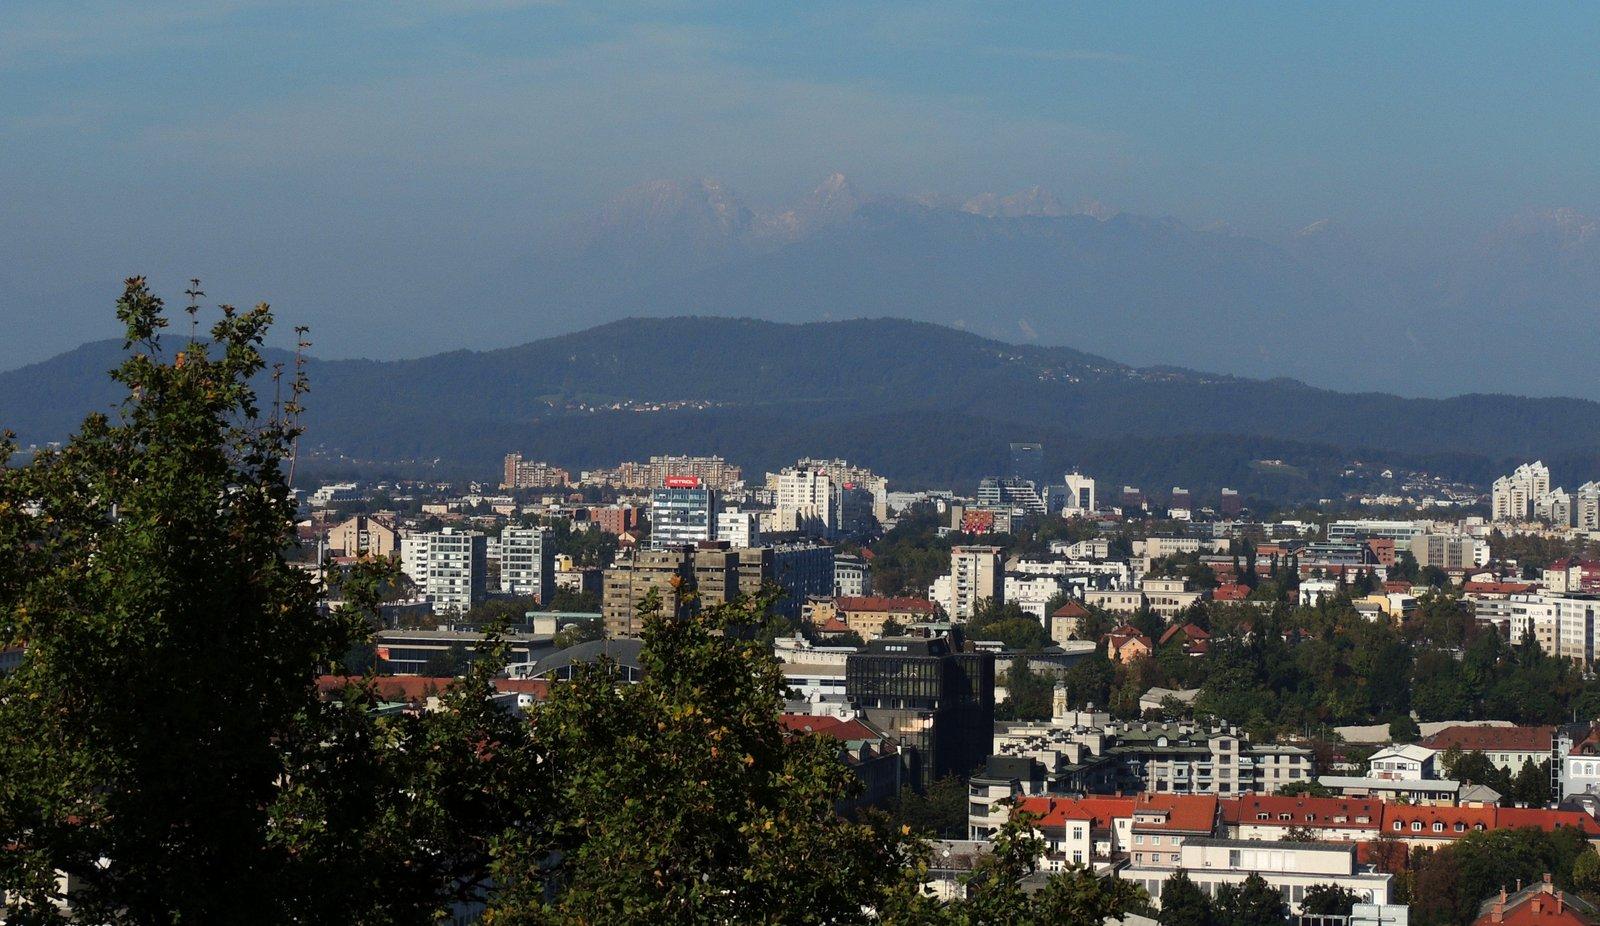 Aussicht vom Burgberg, Laibach